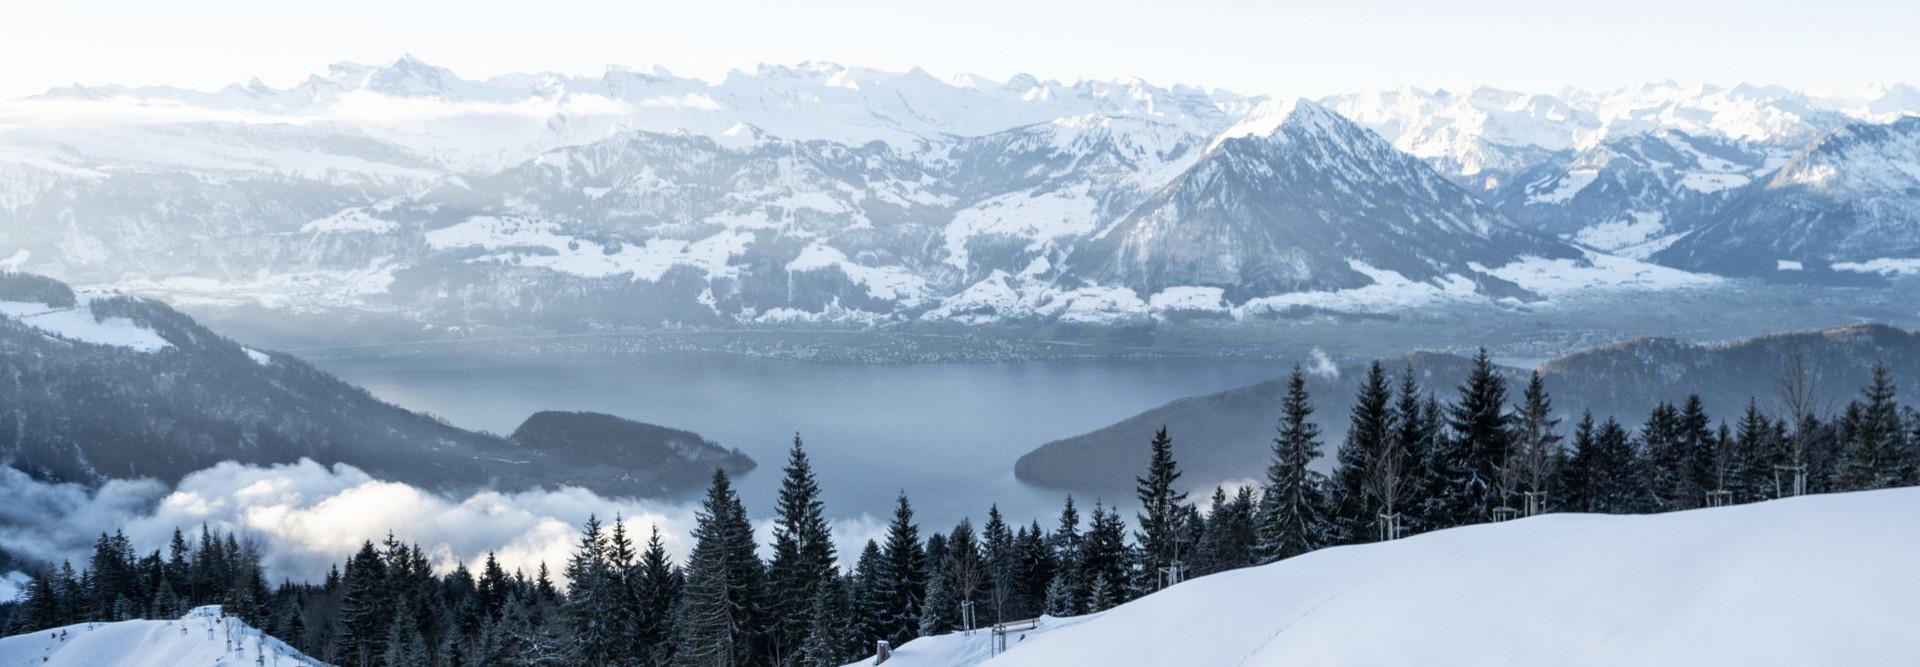 Verschneite Rigi mit Sicht auf den Vierwaldstättersee